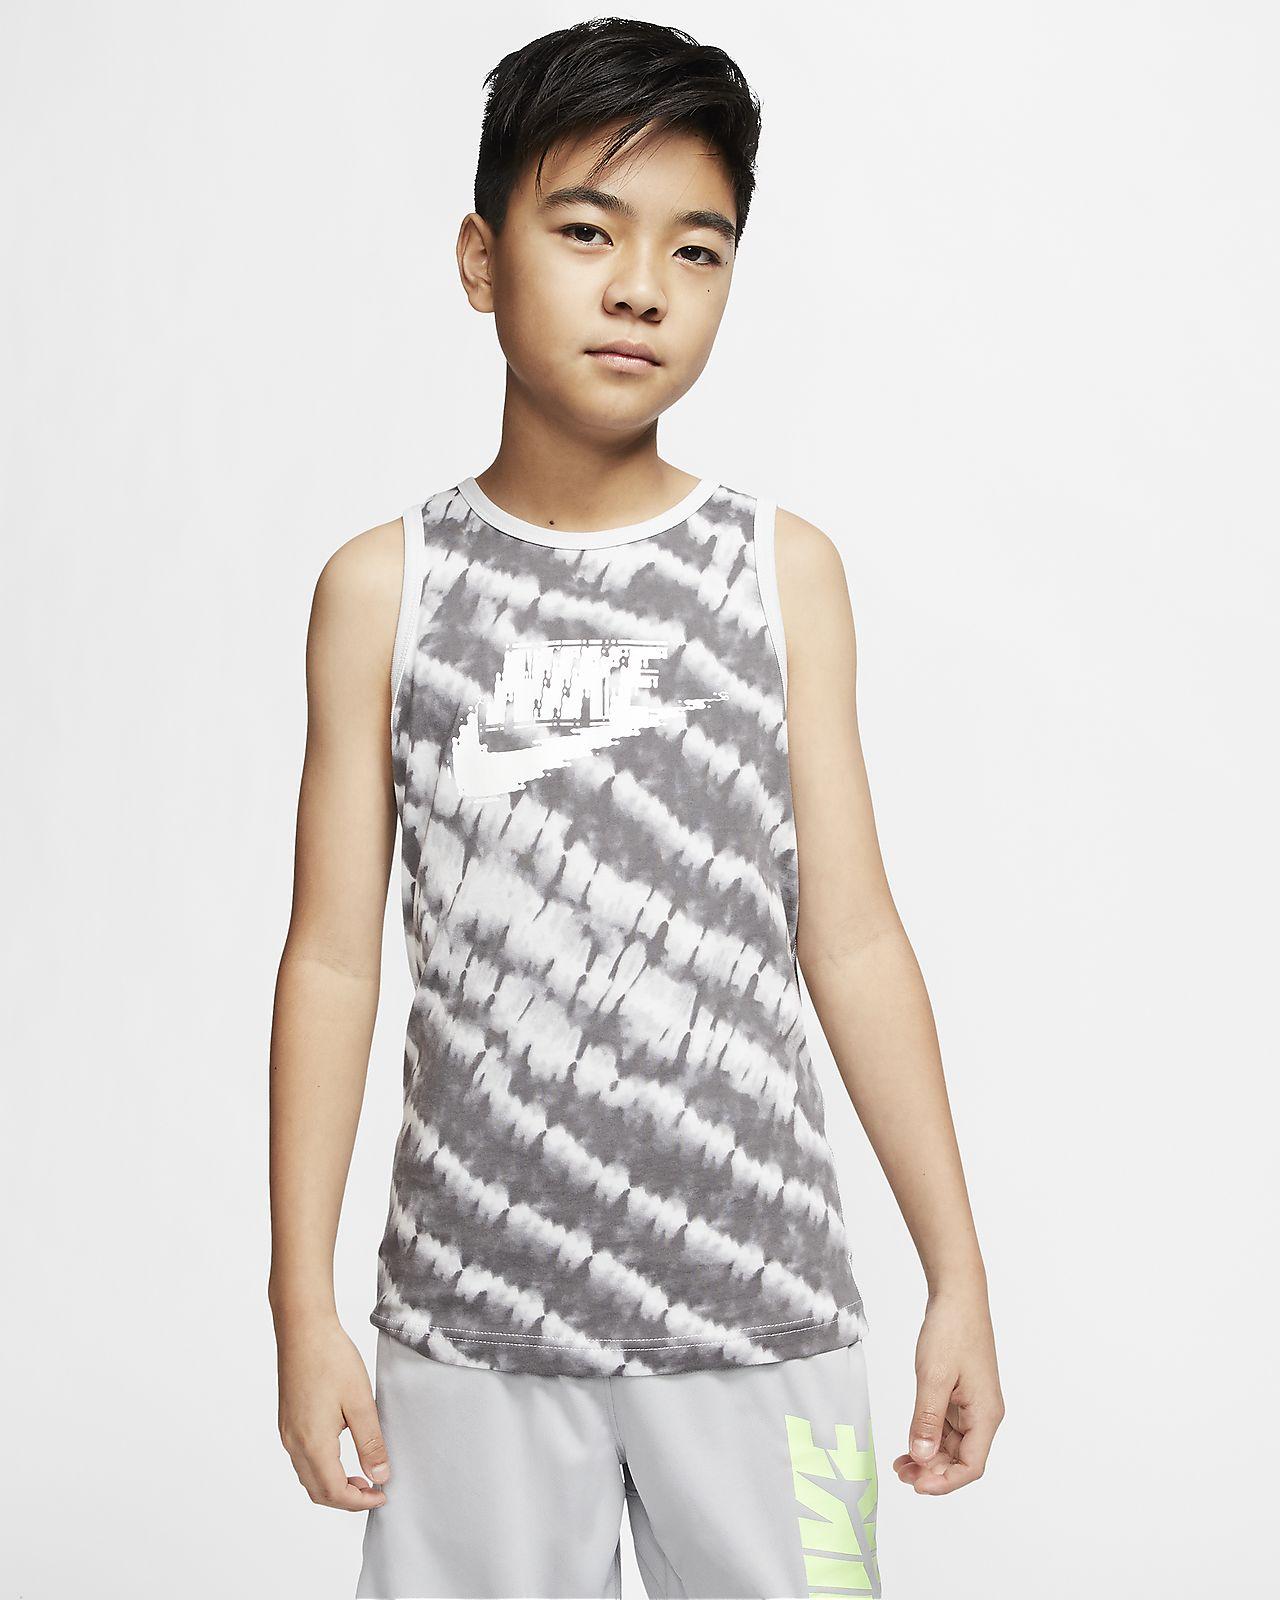 Camiseta de tirantes con teñido batik para niños talla grande Nike Sportswear